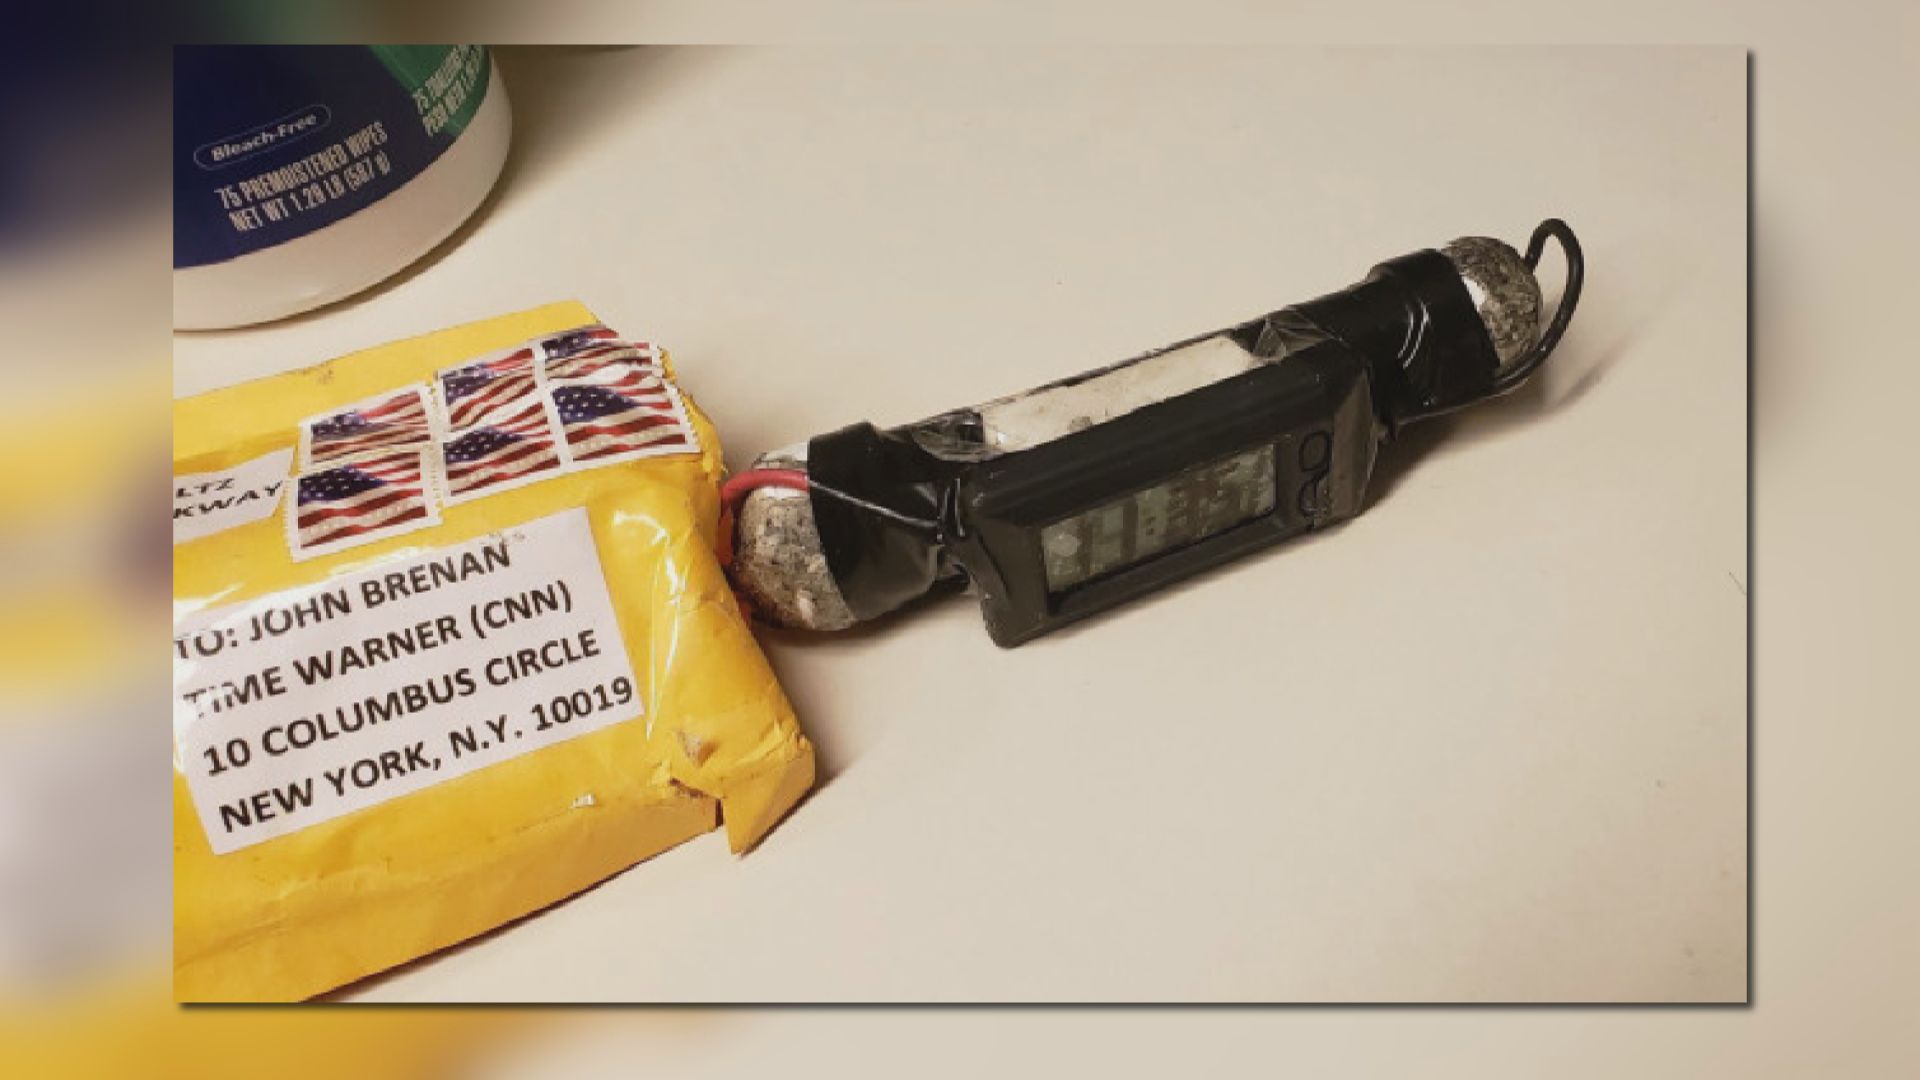 美國政商界傳媒遭懷疑炸彈威脅